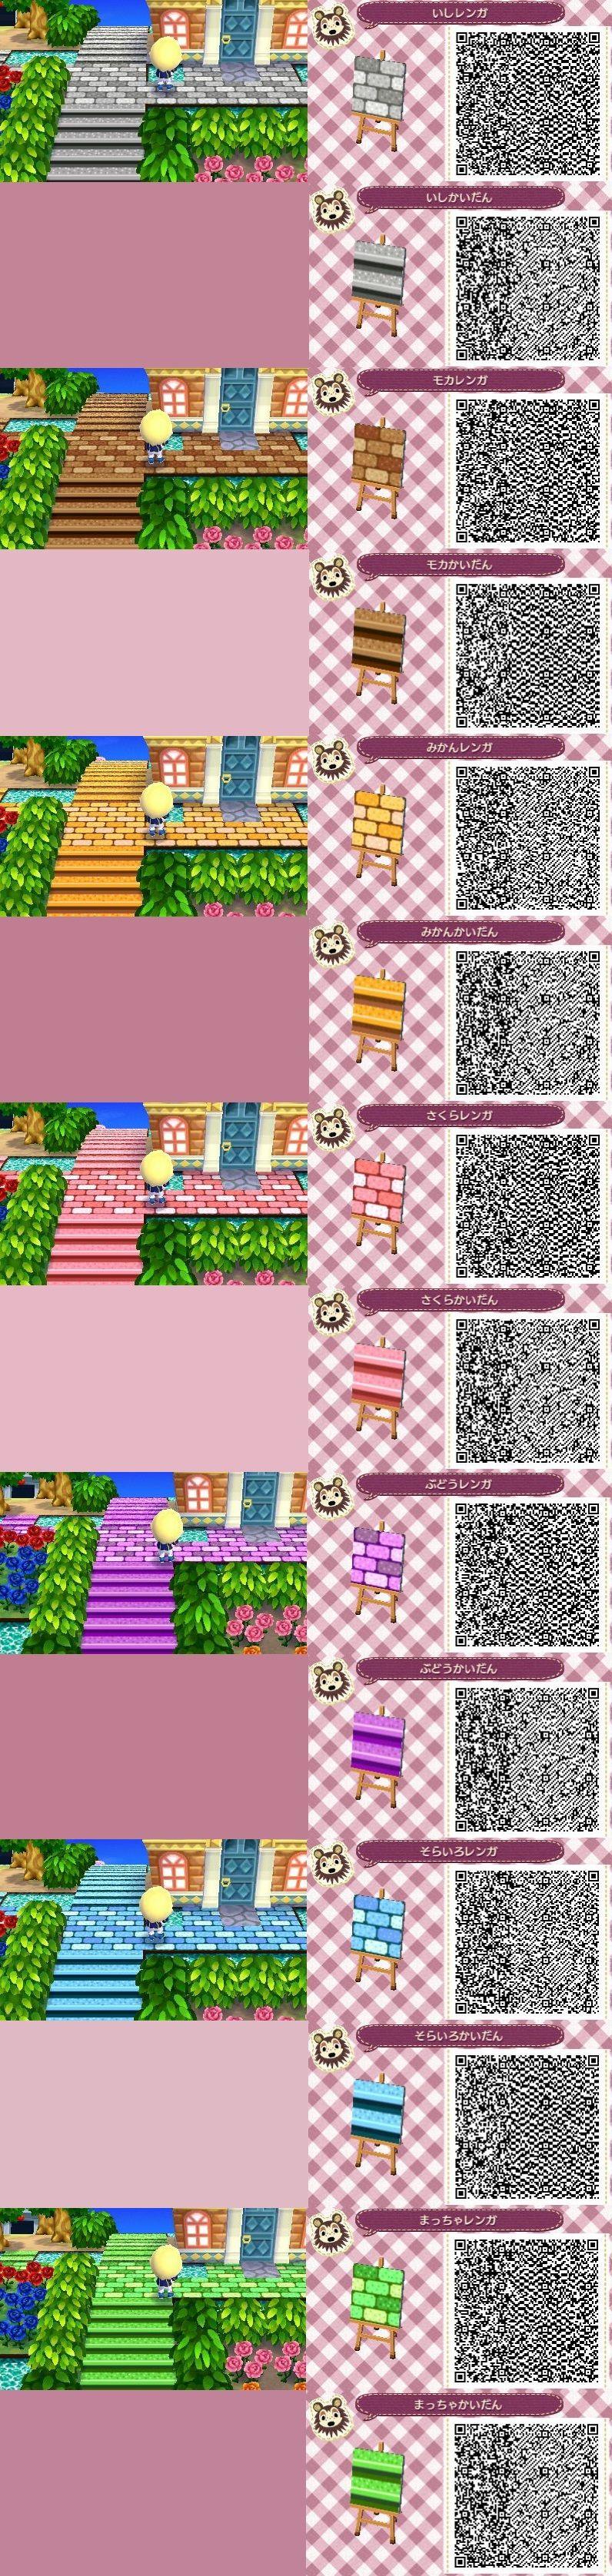 Animal Crossing New Leaf Qr Codes Suelos Bonitos Acnl Pink Path